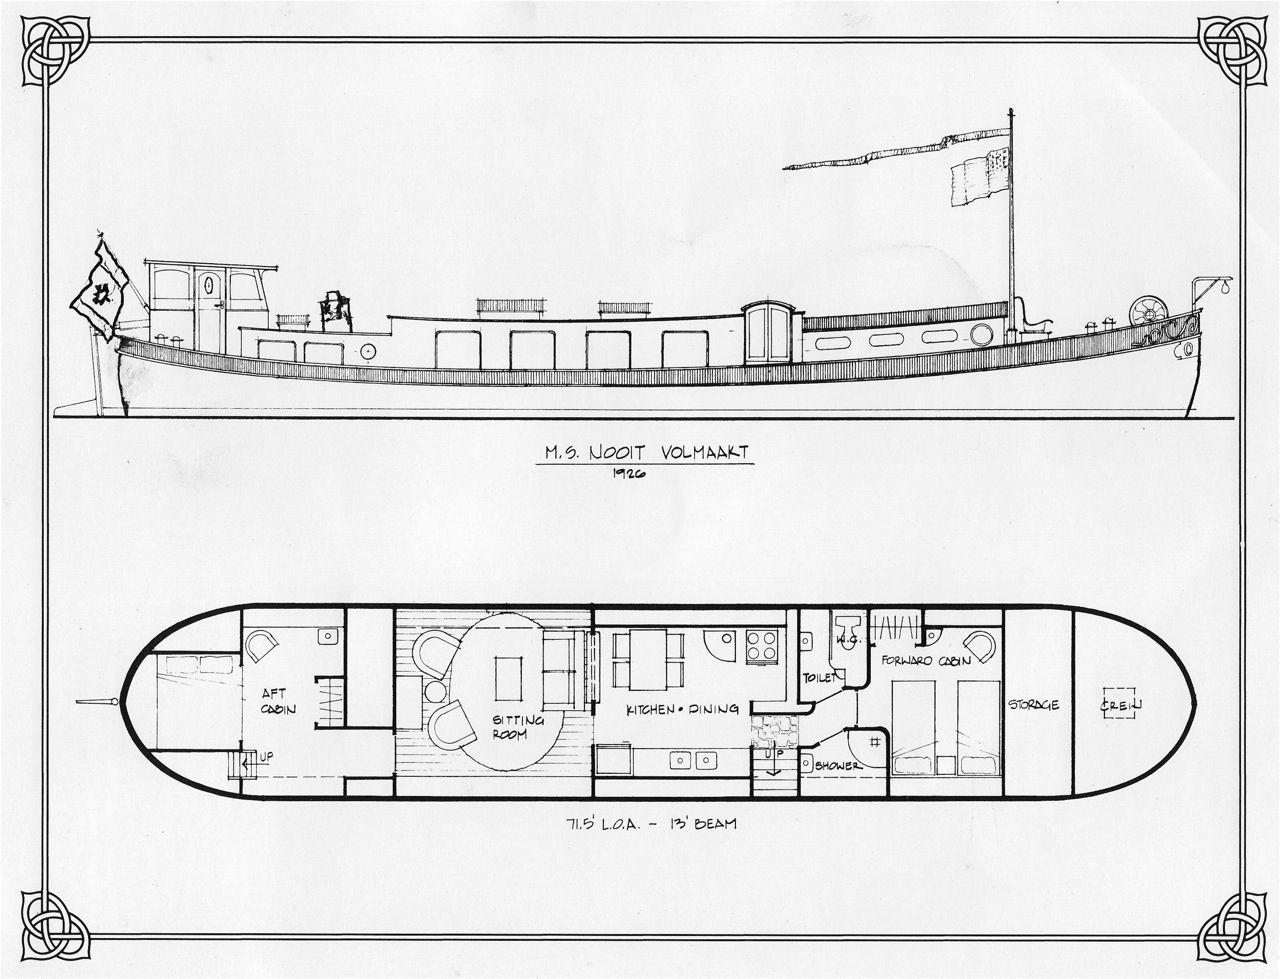 Dutch Barge Plans  U2026